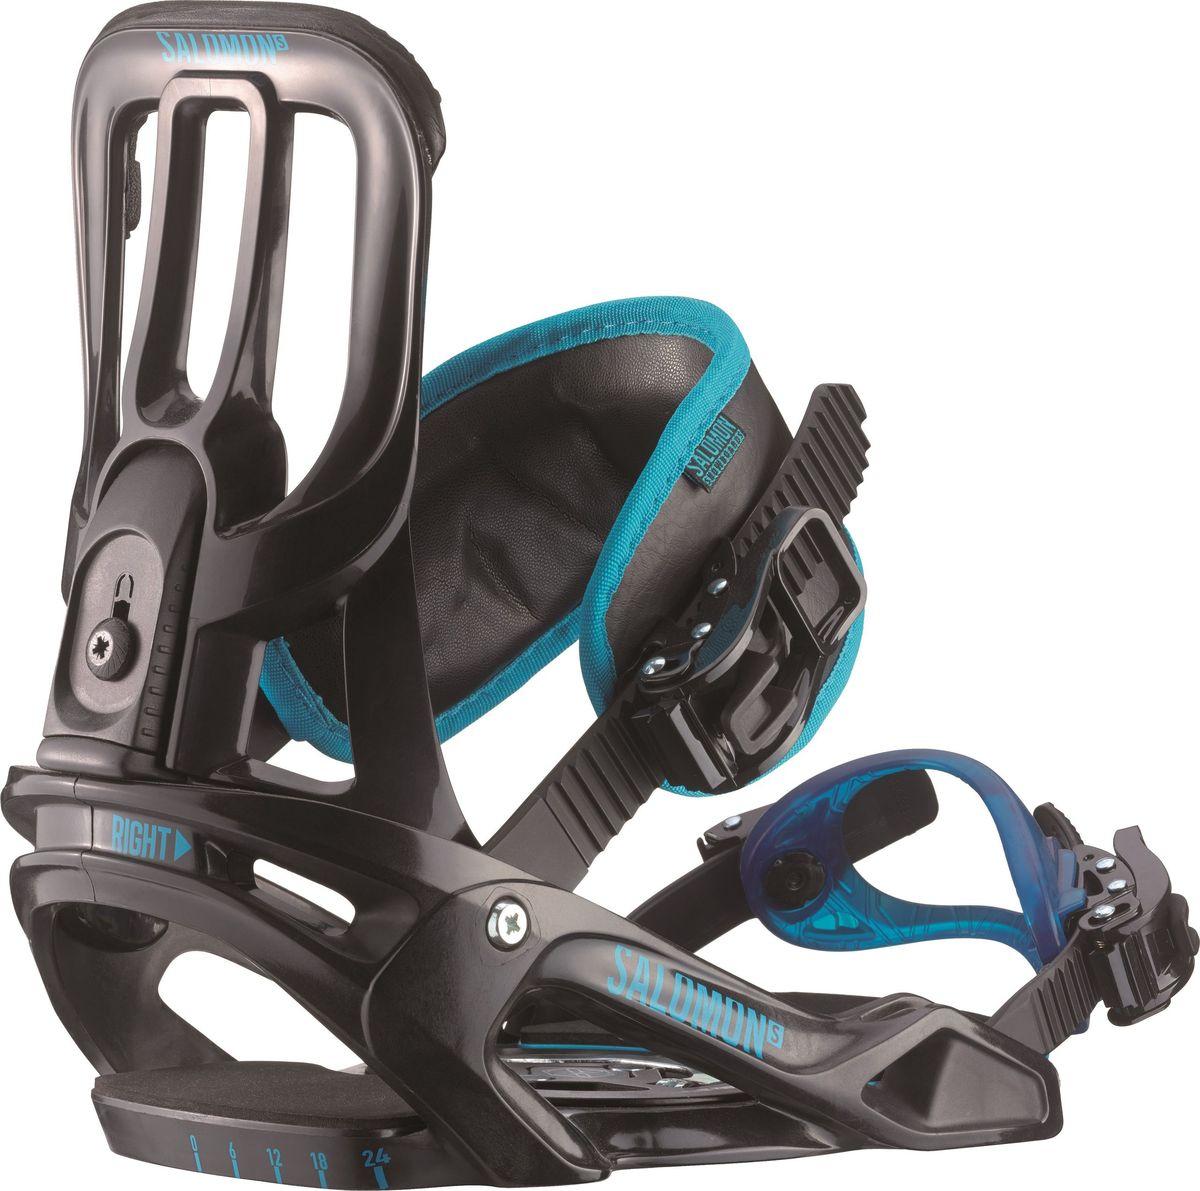 Крепление для сноуборда Salomon Unite, цвет: черный, голубой. Размер SL39943300Легкое, простое, крепкое, легко настраиваемое крепление прекрасно подходит для освоения сноубордического катания новичками. Диск, позволяющий быстро отрегулировать угол установки креплений, а так же быструю установку/съем самих креплений.